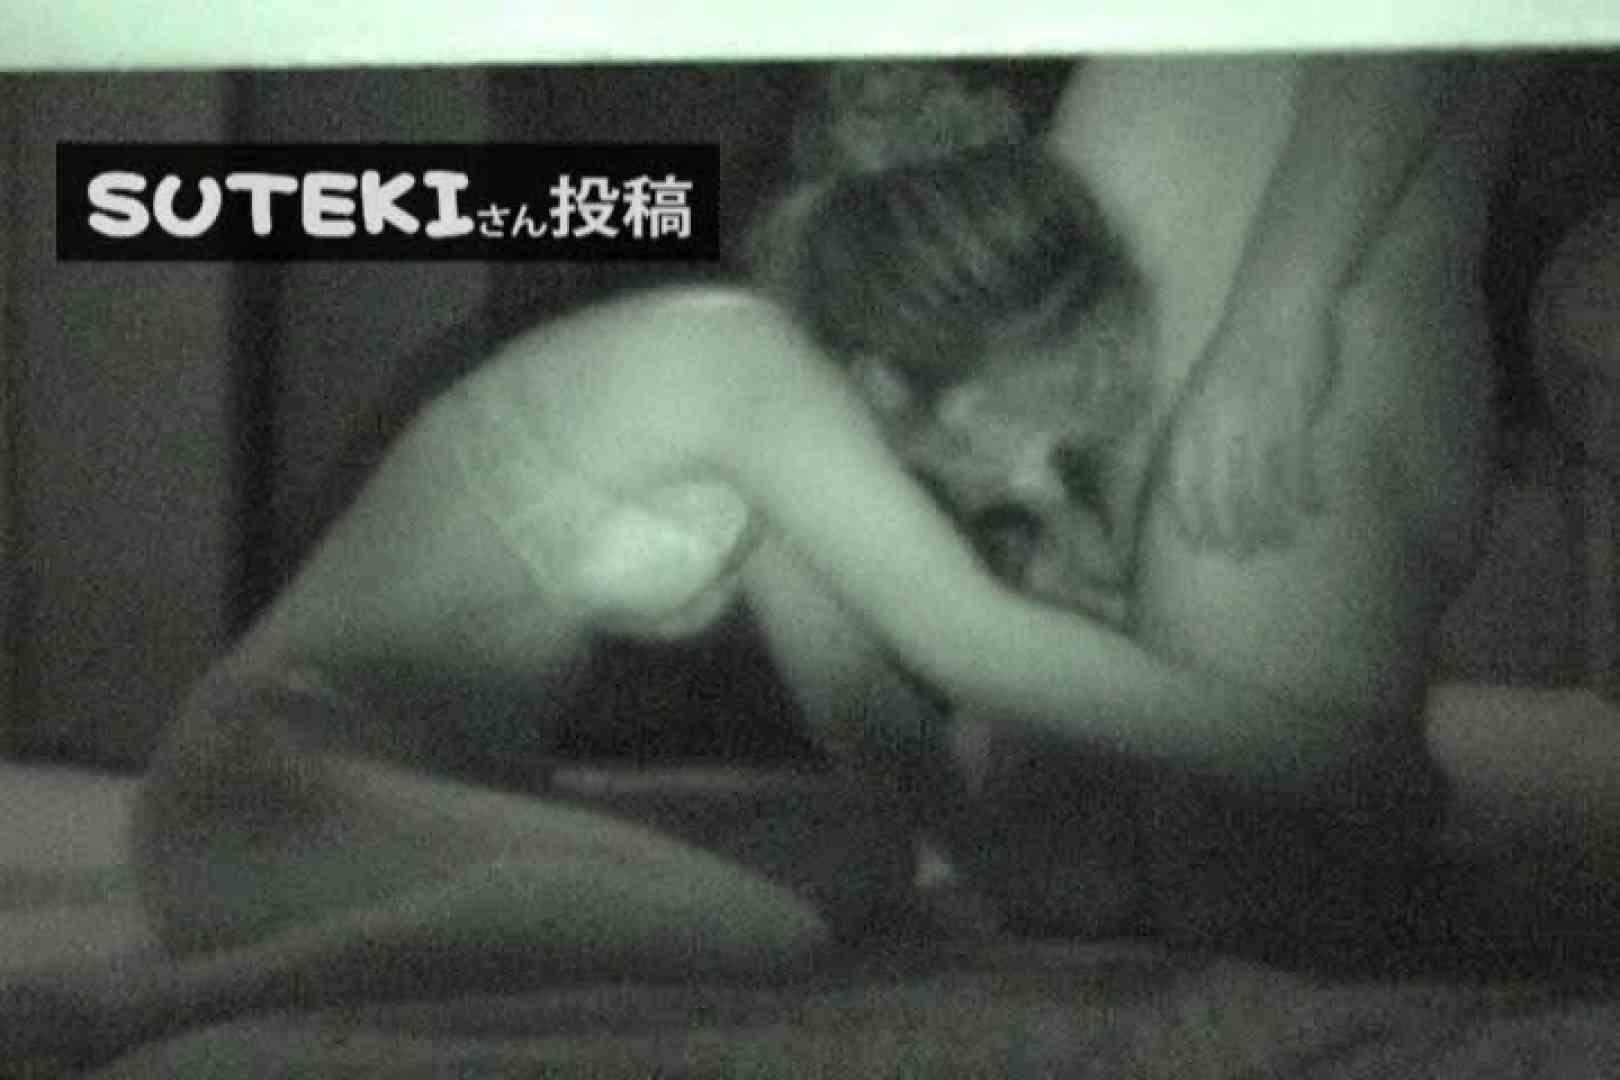 SUTEKIさん投稿 ナイトショット すけべなOL   投稿  95画像 13